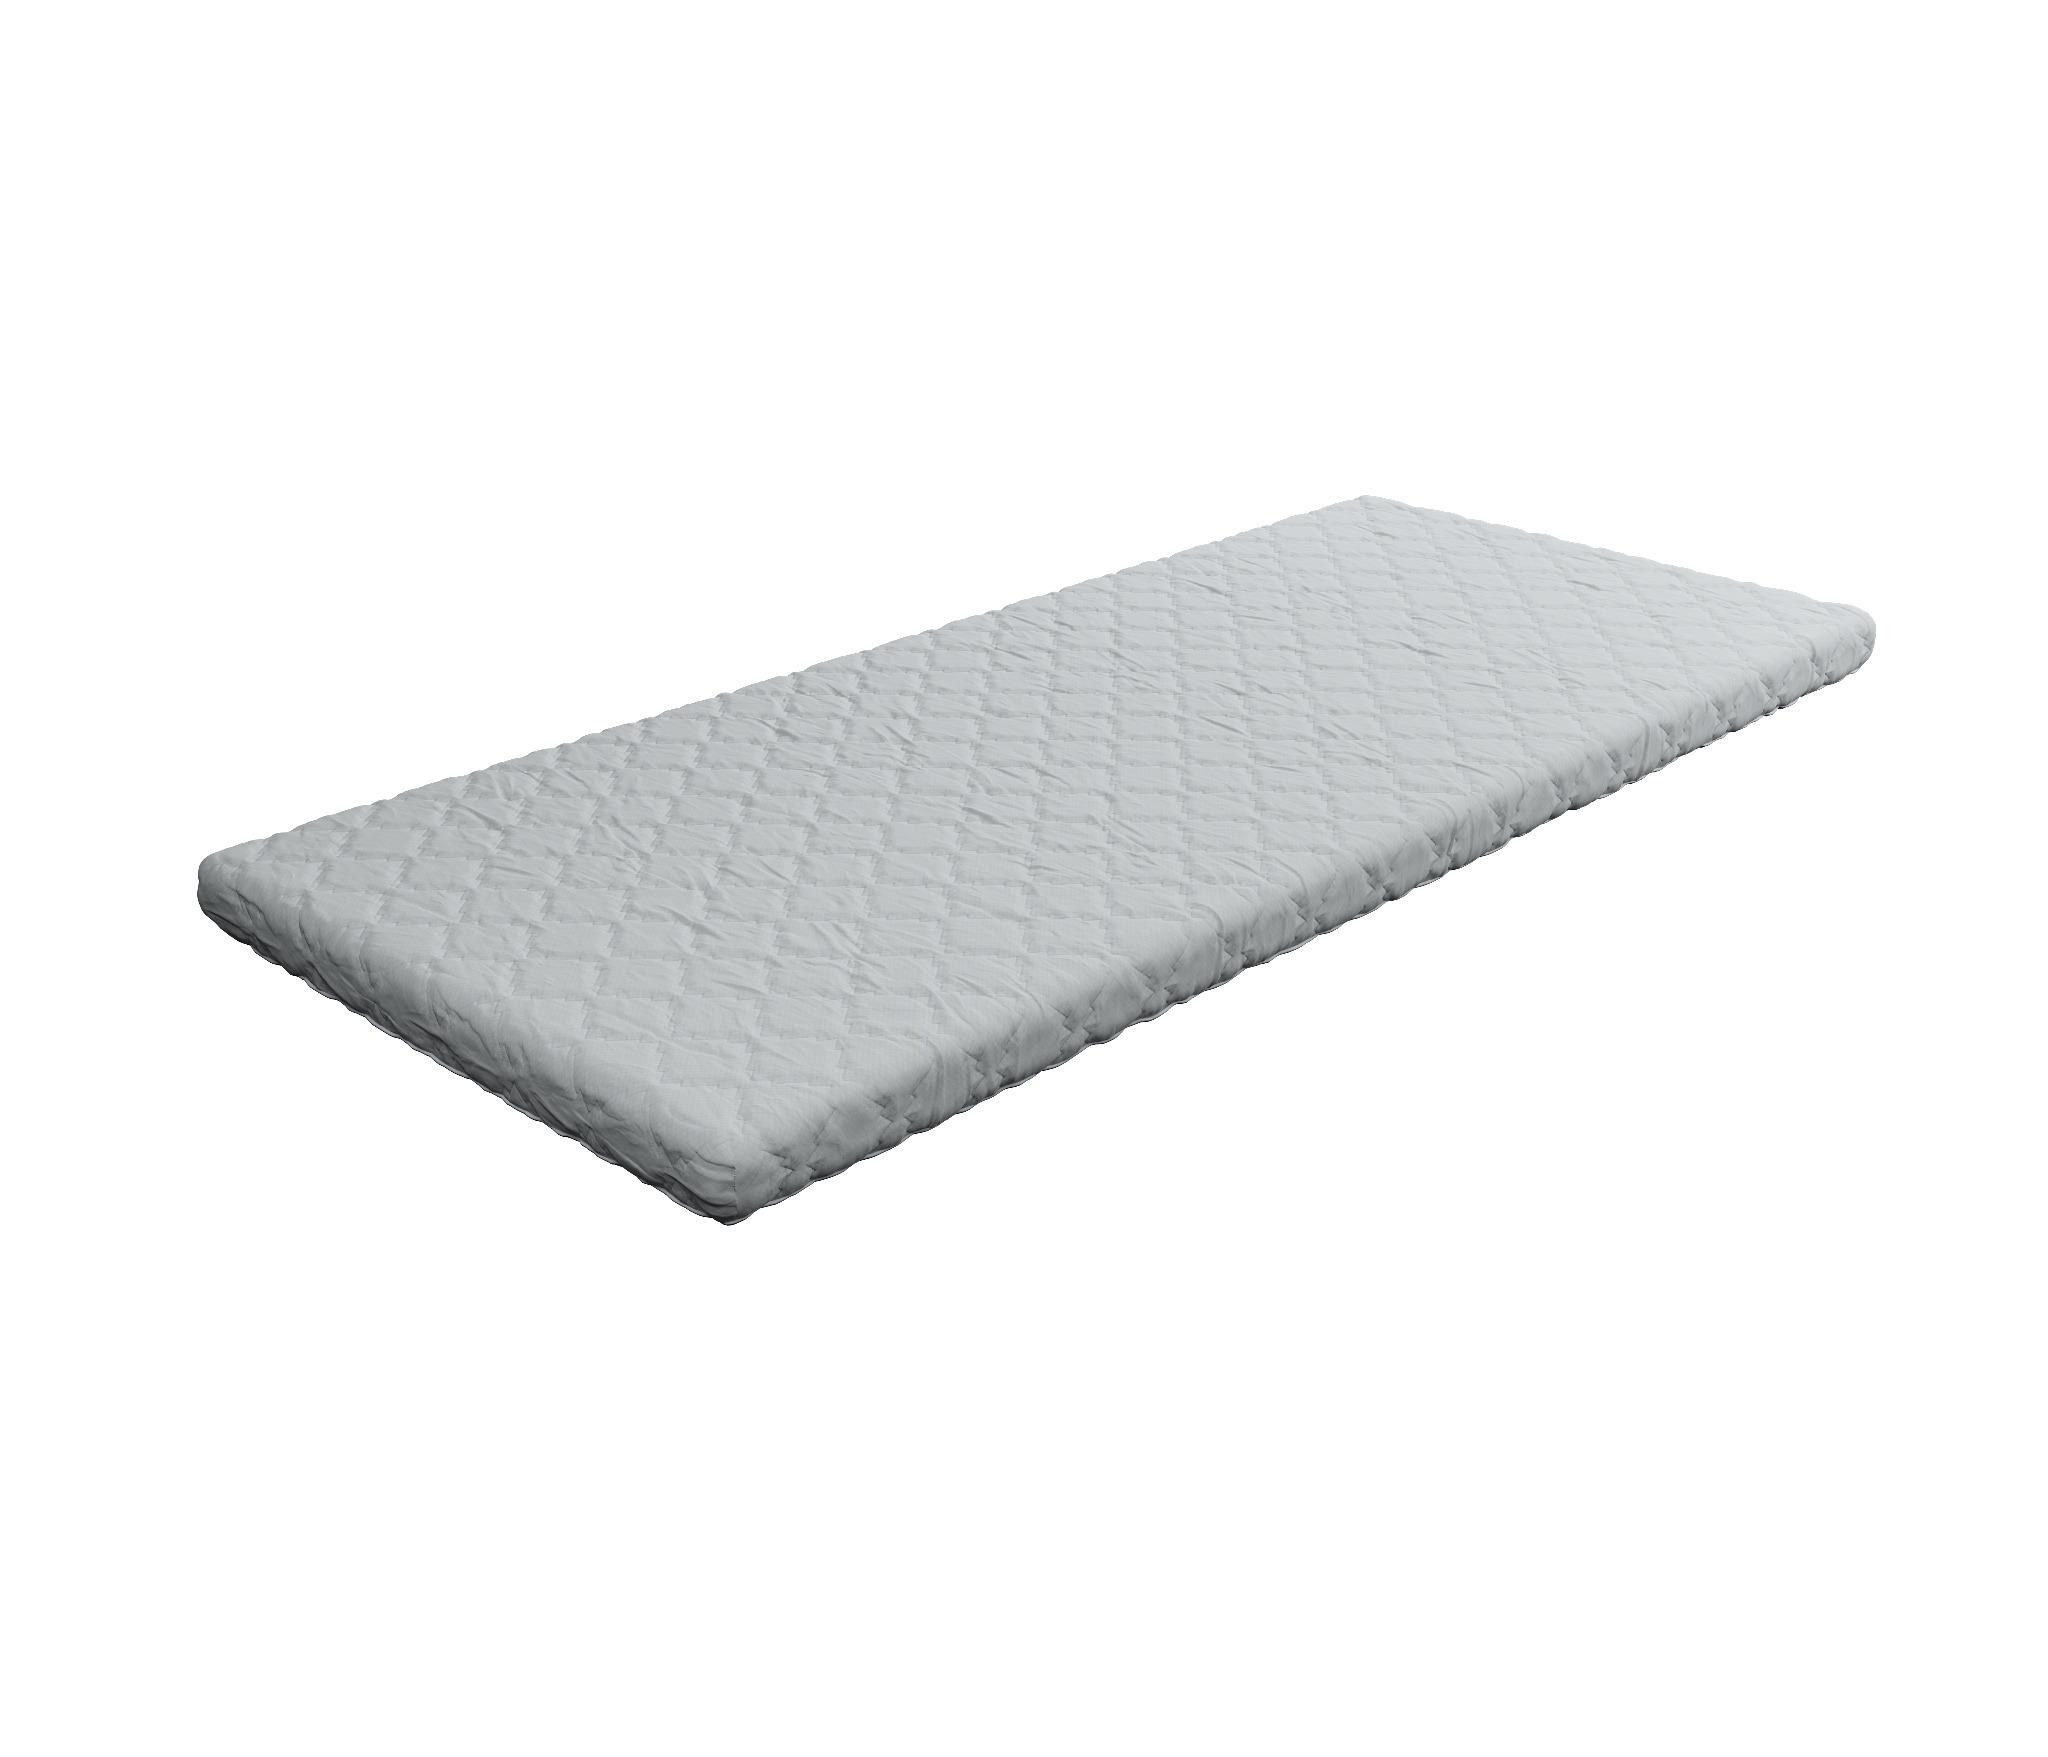 Матрас Топпер-Прима 800*1900Кровати<br>Топпер- это идеальное экономичное решение для дач, для выравнивания спального места на диване и для всех тех, кто хочет получить максимум комфорта при минимальных затратах.&#13;Блок ППУ высокой прочности, обе стороны ровные, чехол несъемный. Ткань чехла Stelline, плотностью 11 pix.&#13;Толщина 40 мм.&#13;Макс. нагрузка 100 кг, при использовании на диване или матрасе.<br><br>Длина мм: 800<br>Высота мм: 40<br>Глубина мм: 1900<br>Длина матраса: 1900<br>Ширина матраса: 800